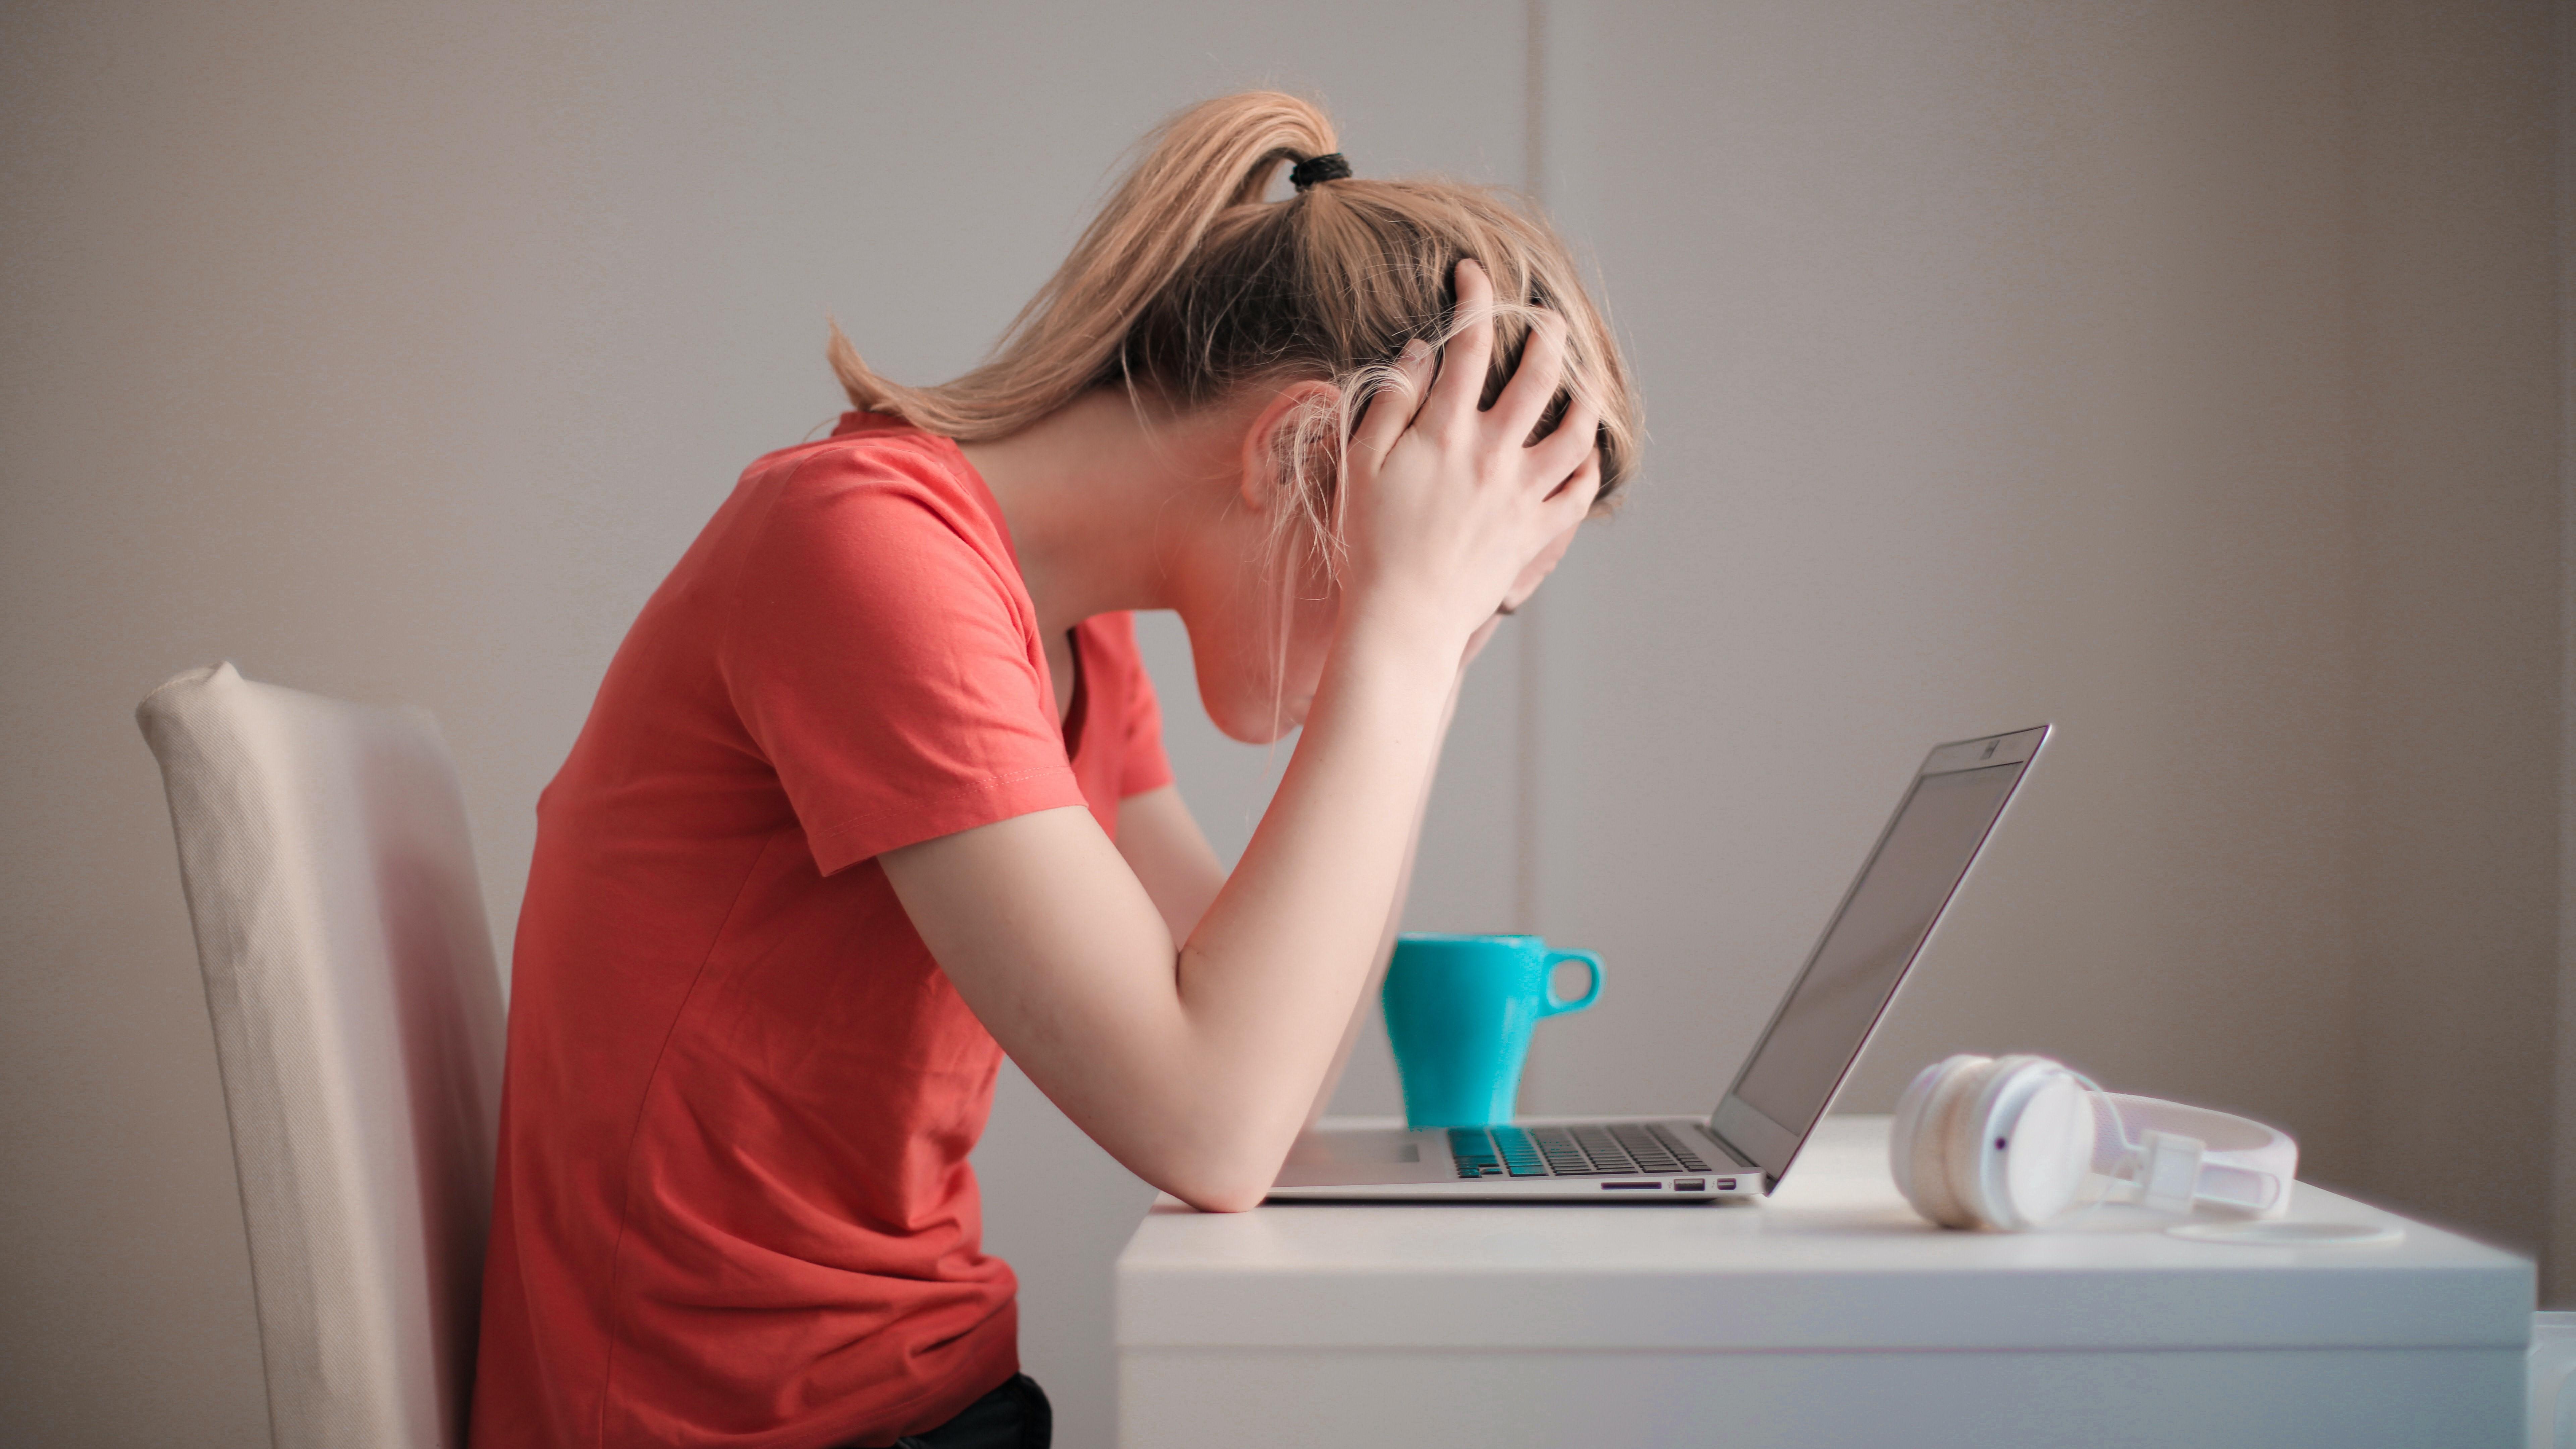 Schulstress kann ein Grund für Kopfschmerzen bei Teenagern sein.